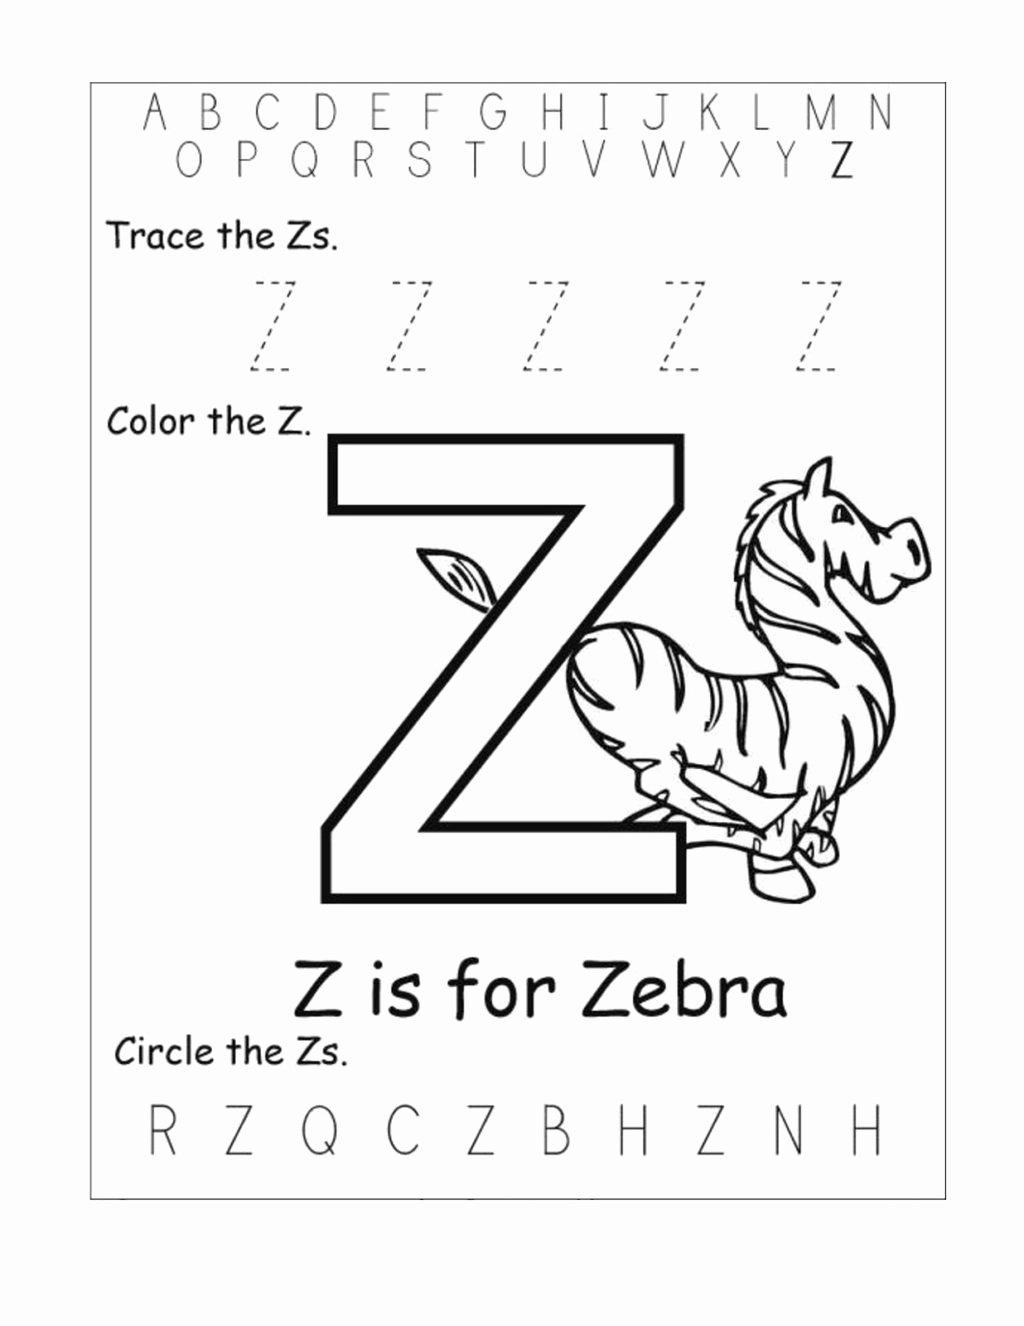 Letter Z Worksheets for Preschoolers top Worksheet Letter Z Worksheets Kids Learning Activity